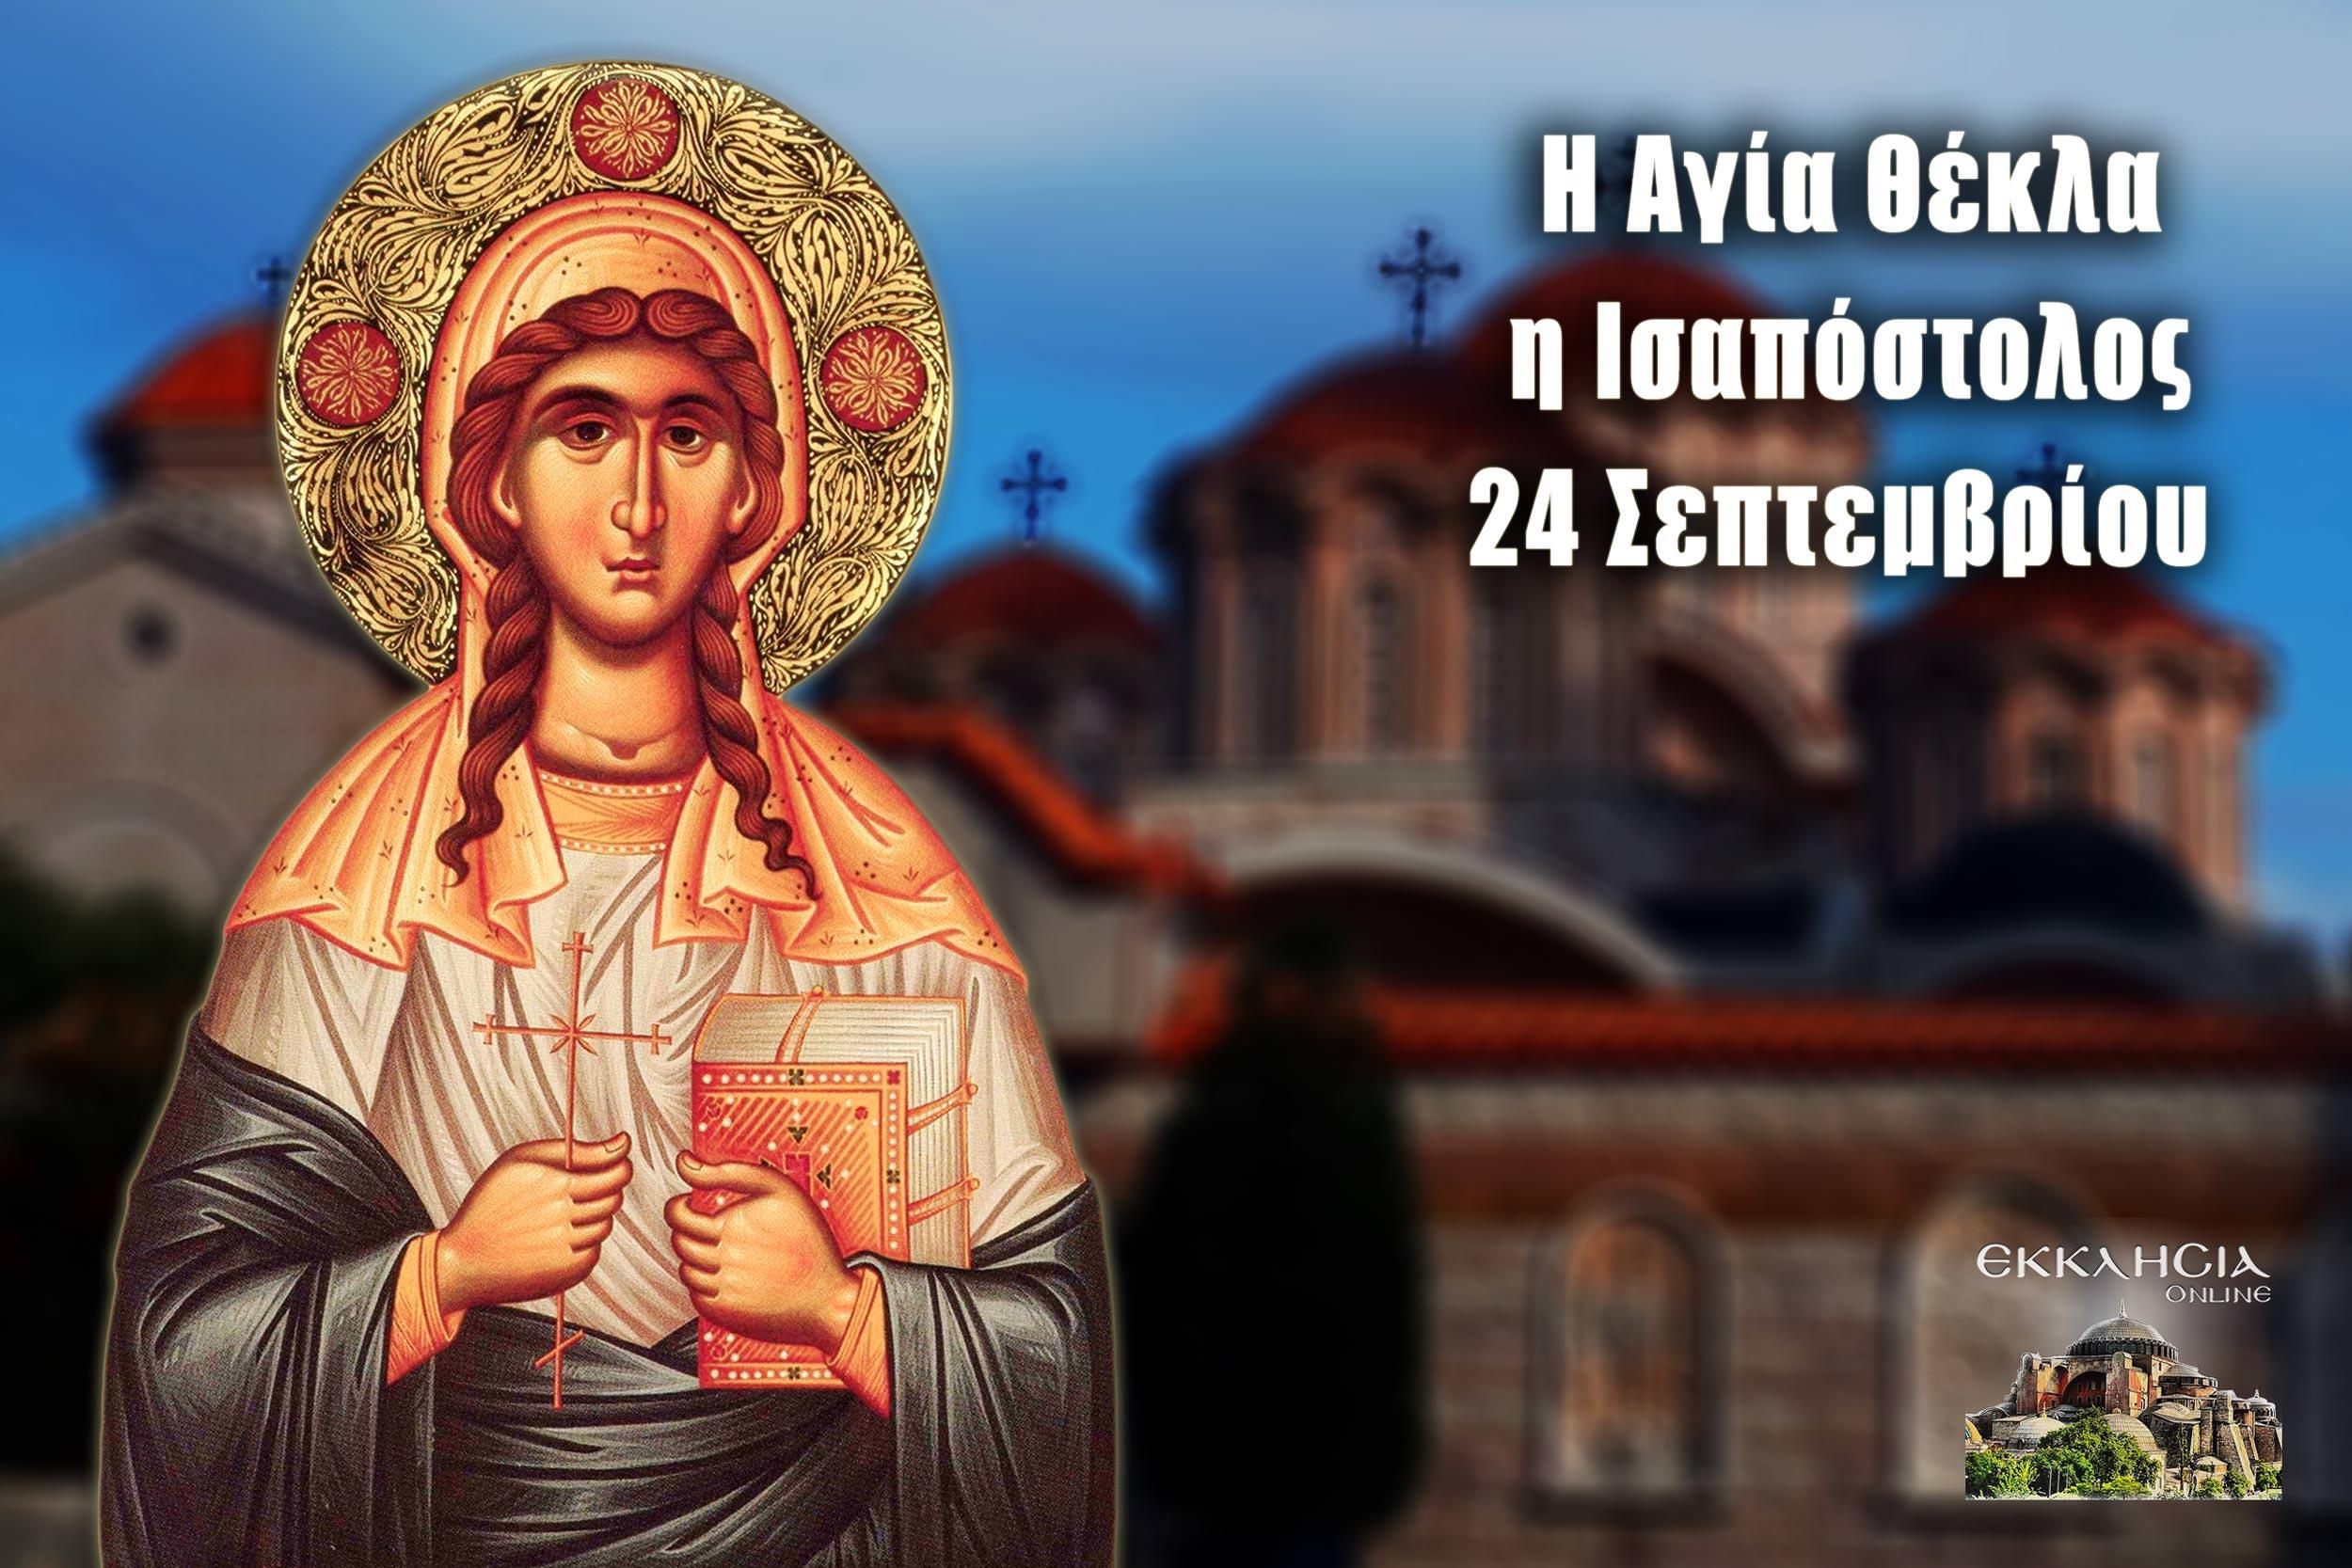 Αγία Θέκλα 24 Σεπτεμβρίου